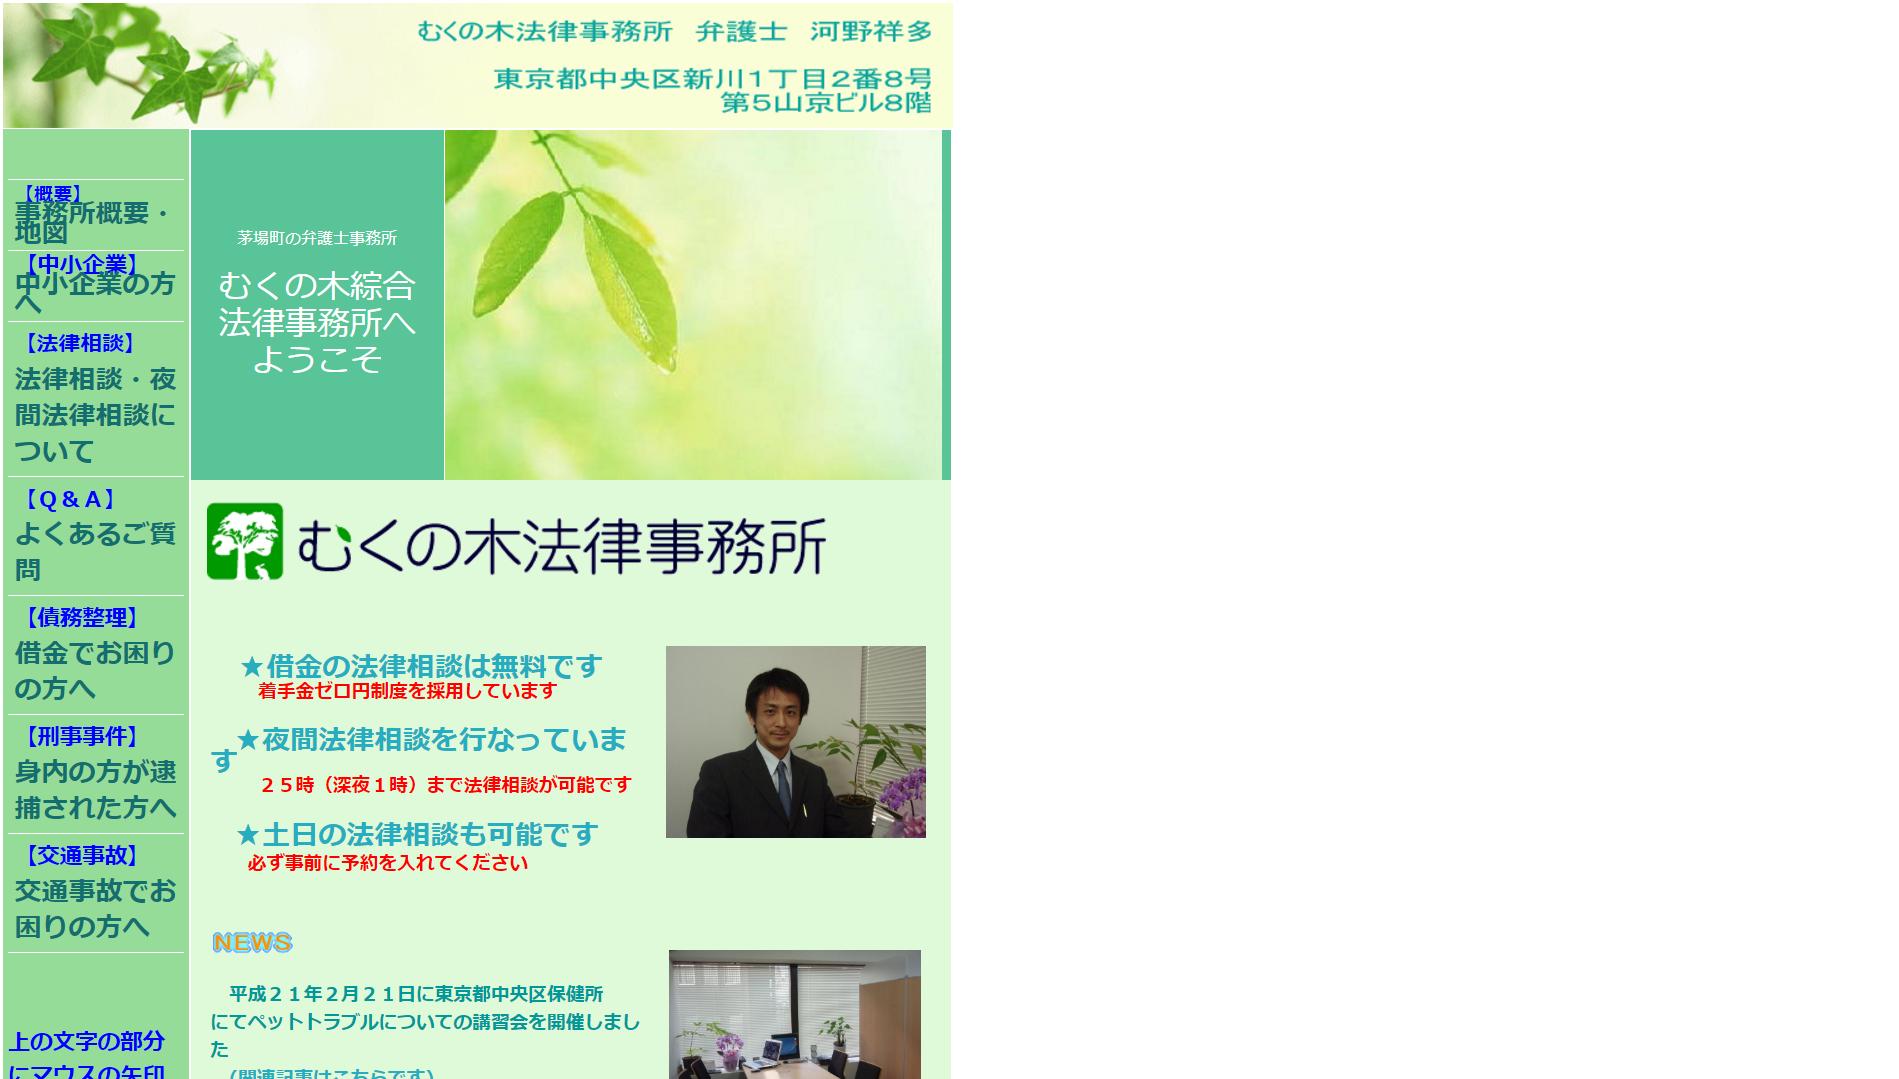 むくの木法律事務所(東京都中央区新川)